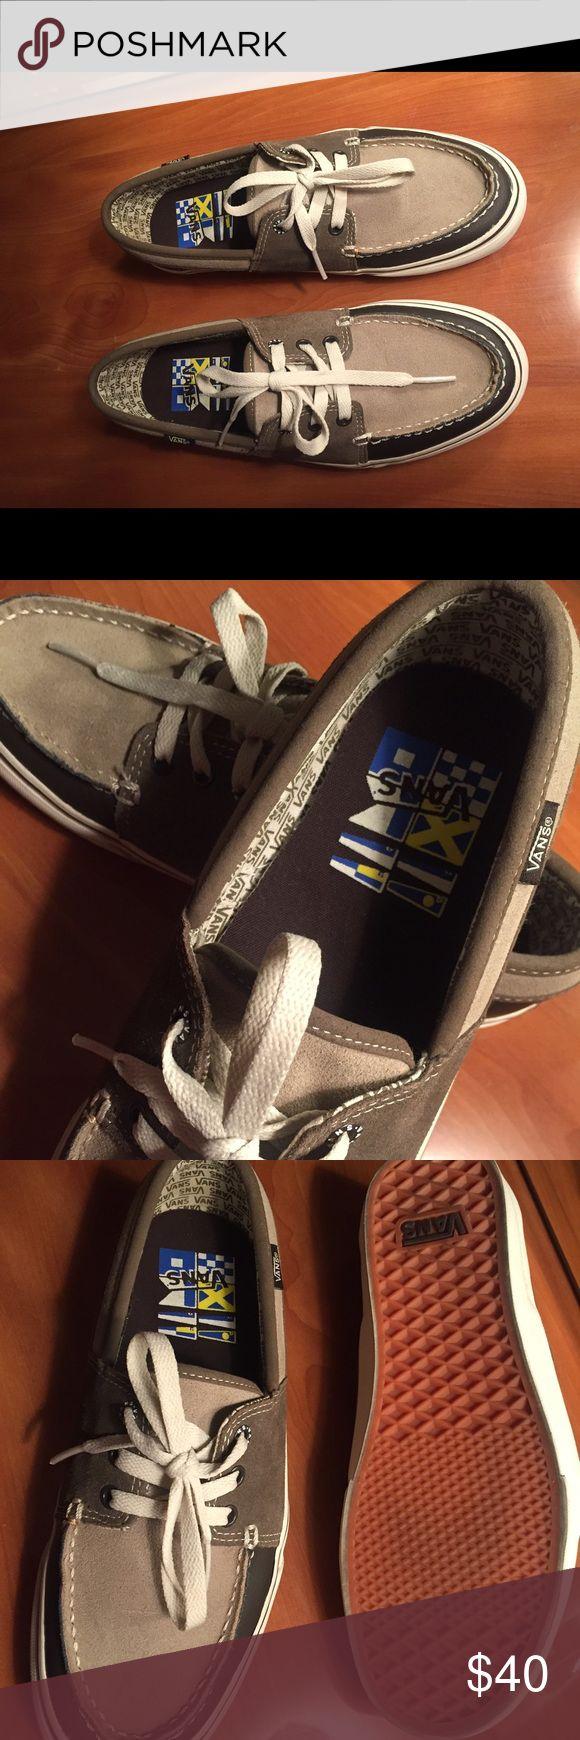 VANS two tone leather boat shoes , Men's 8,5 VANS two tone brown suede and leather boat shoes , Great condition, was worn couple times. Vans Shoes Boat Shoes